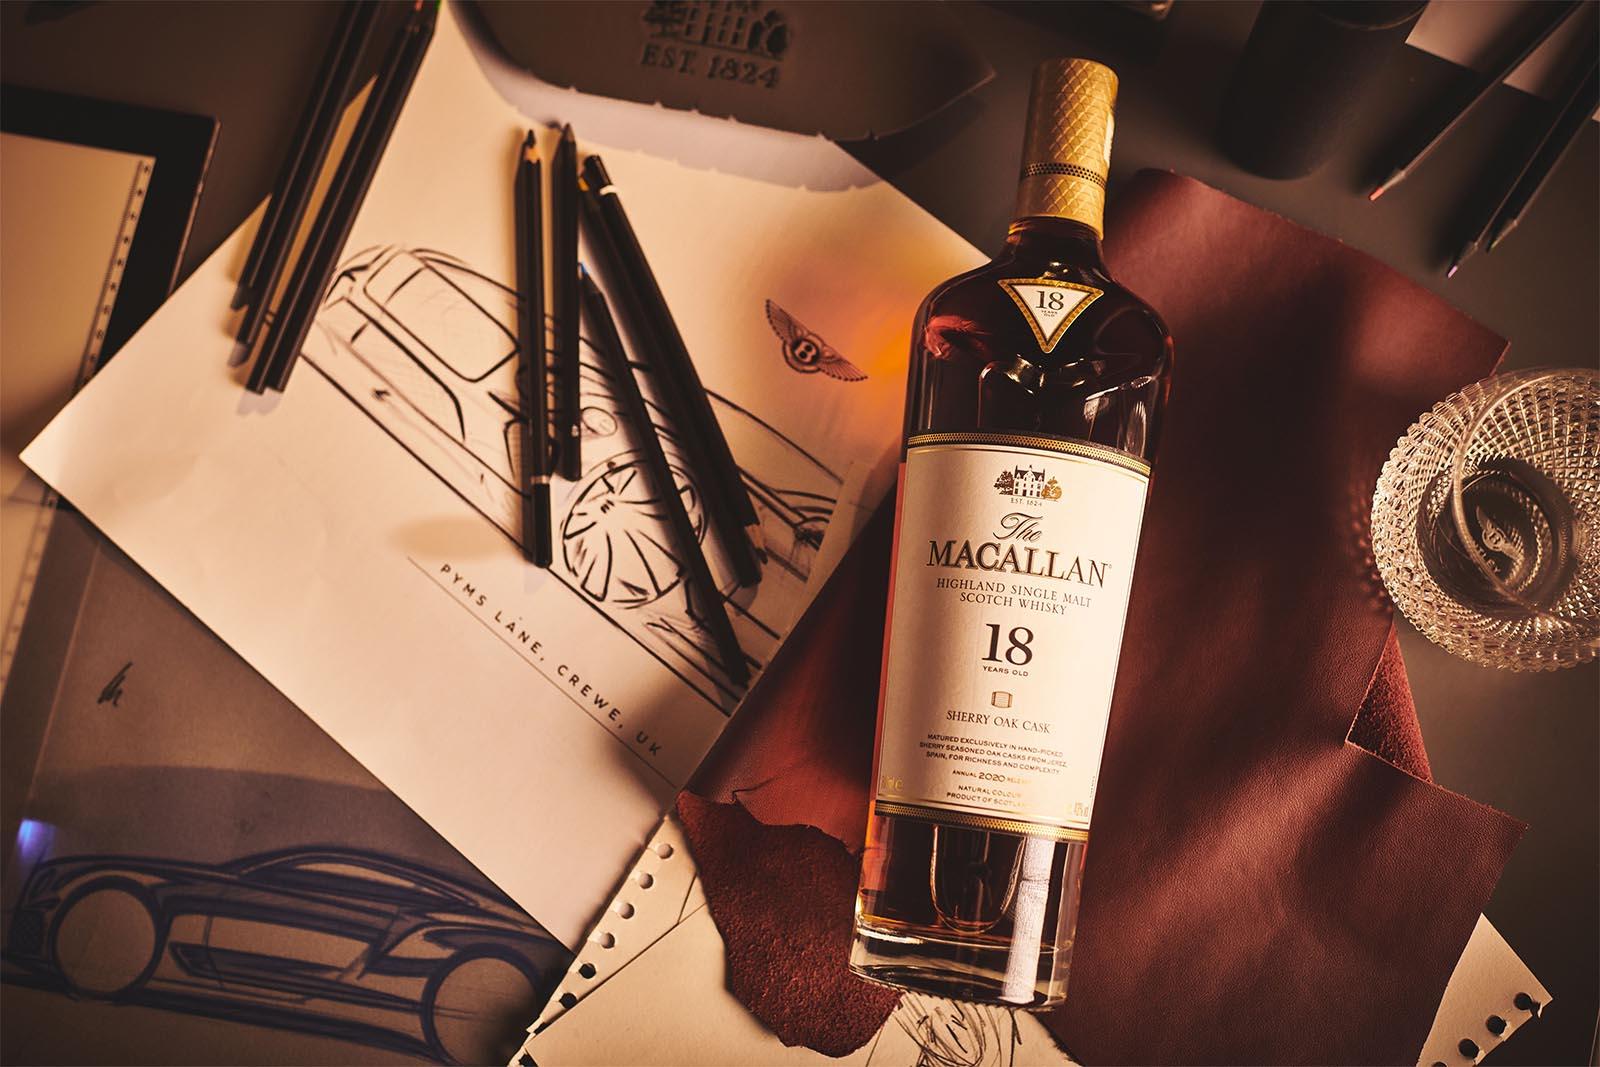 Bentley Macallan Bottle